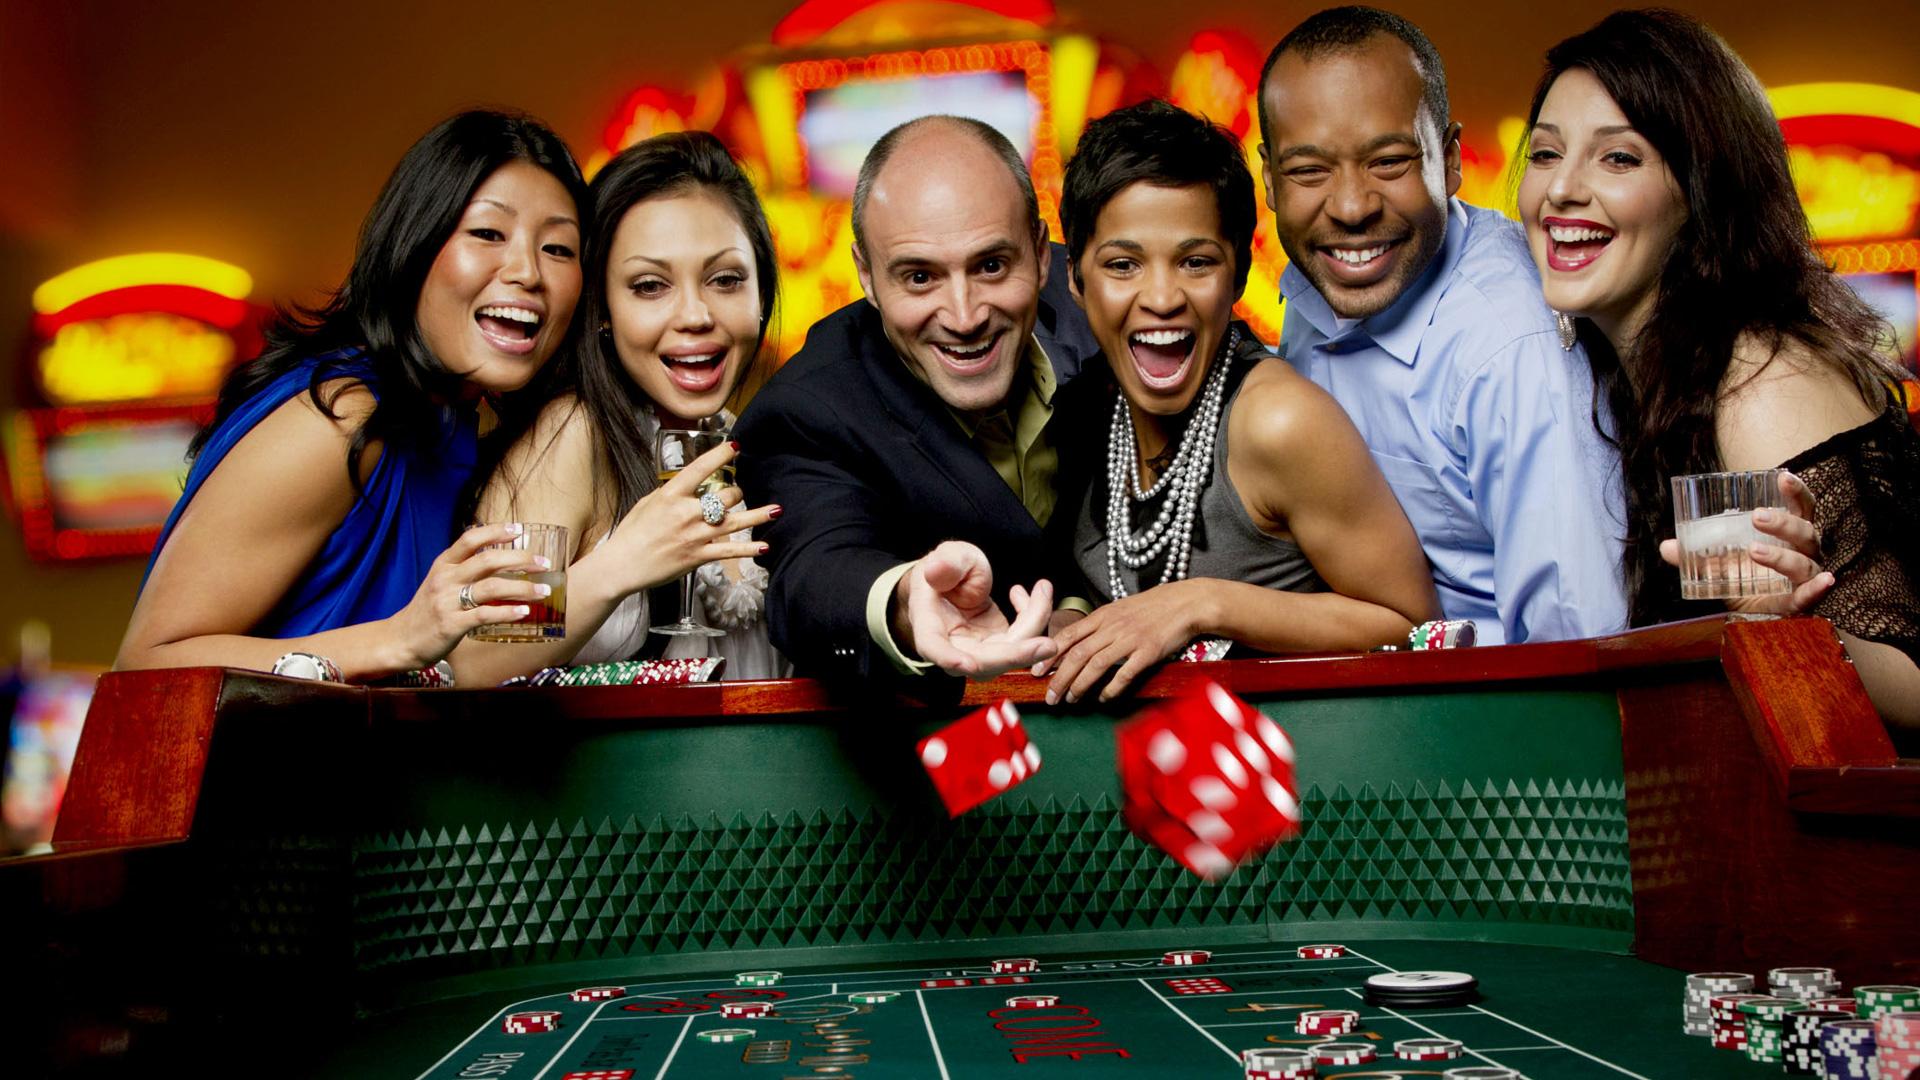 сообщество-игроков-казино.jpg